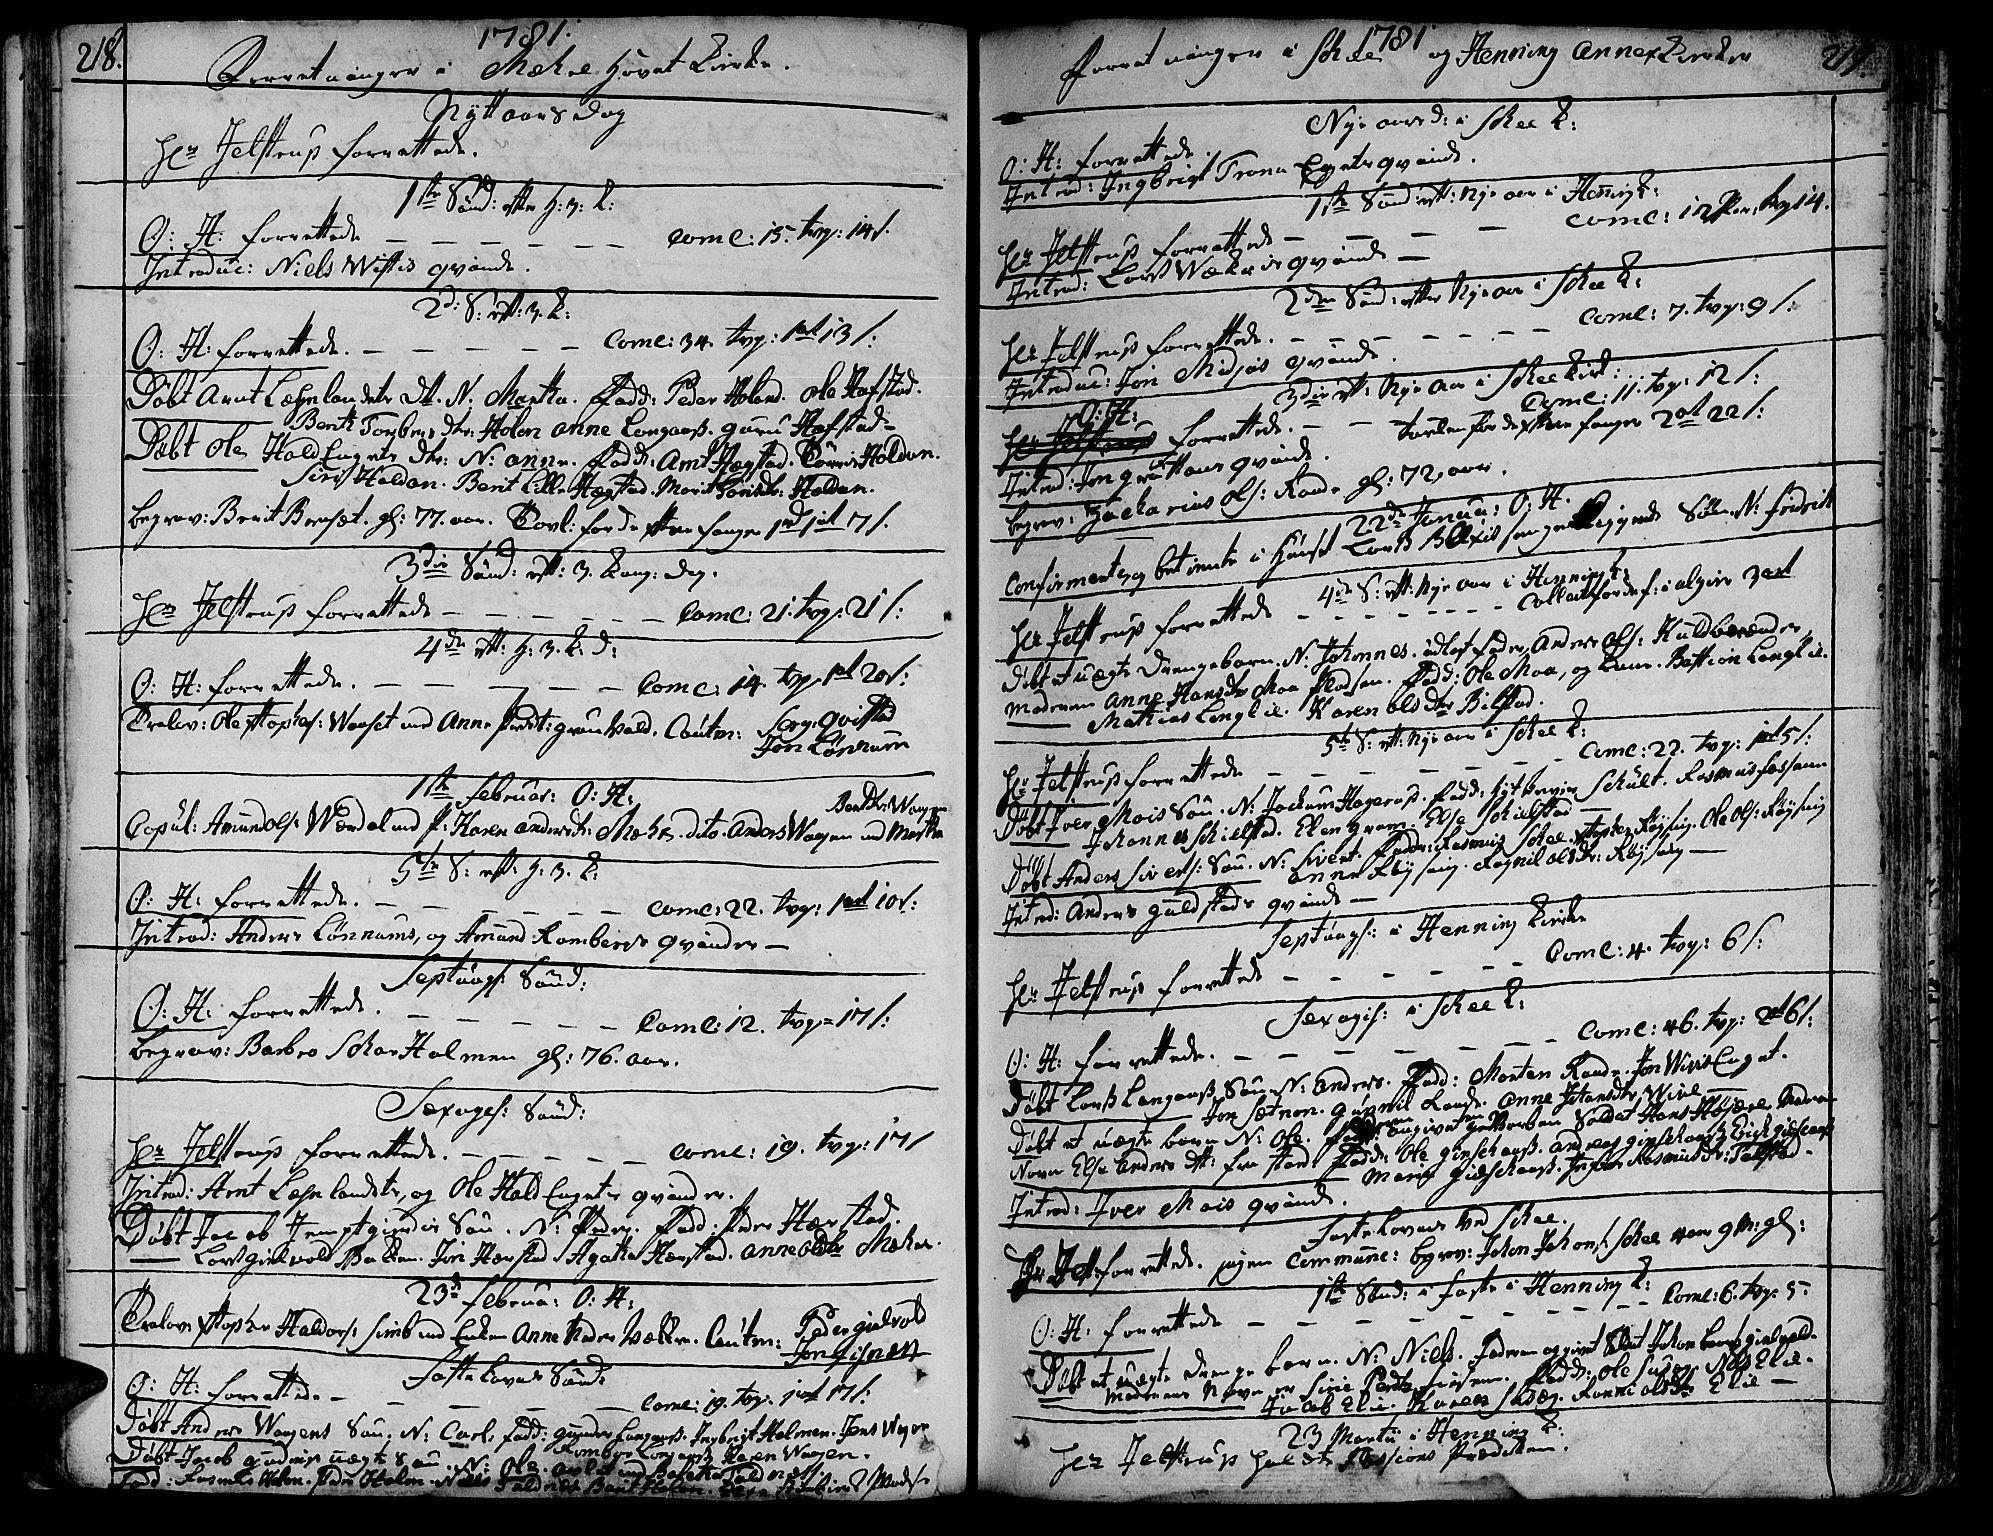 SAT, Ministerialprotokoller, klokkerbøker og fødselsregistre - Nord-Trøndelag, 735/L0331: Ministerialbok nr. 735A02, 1762-1794, s. 218-219